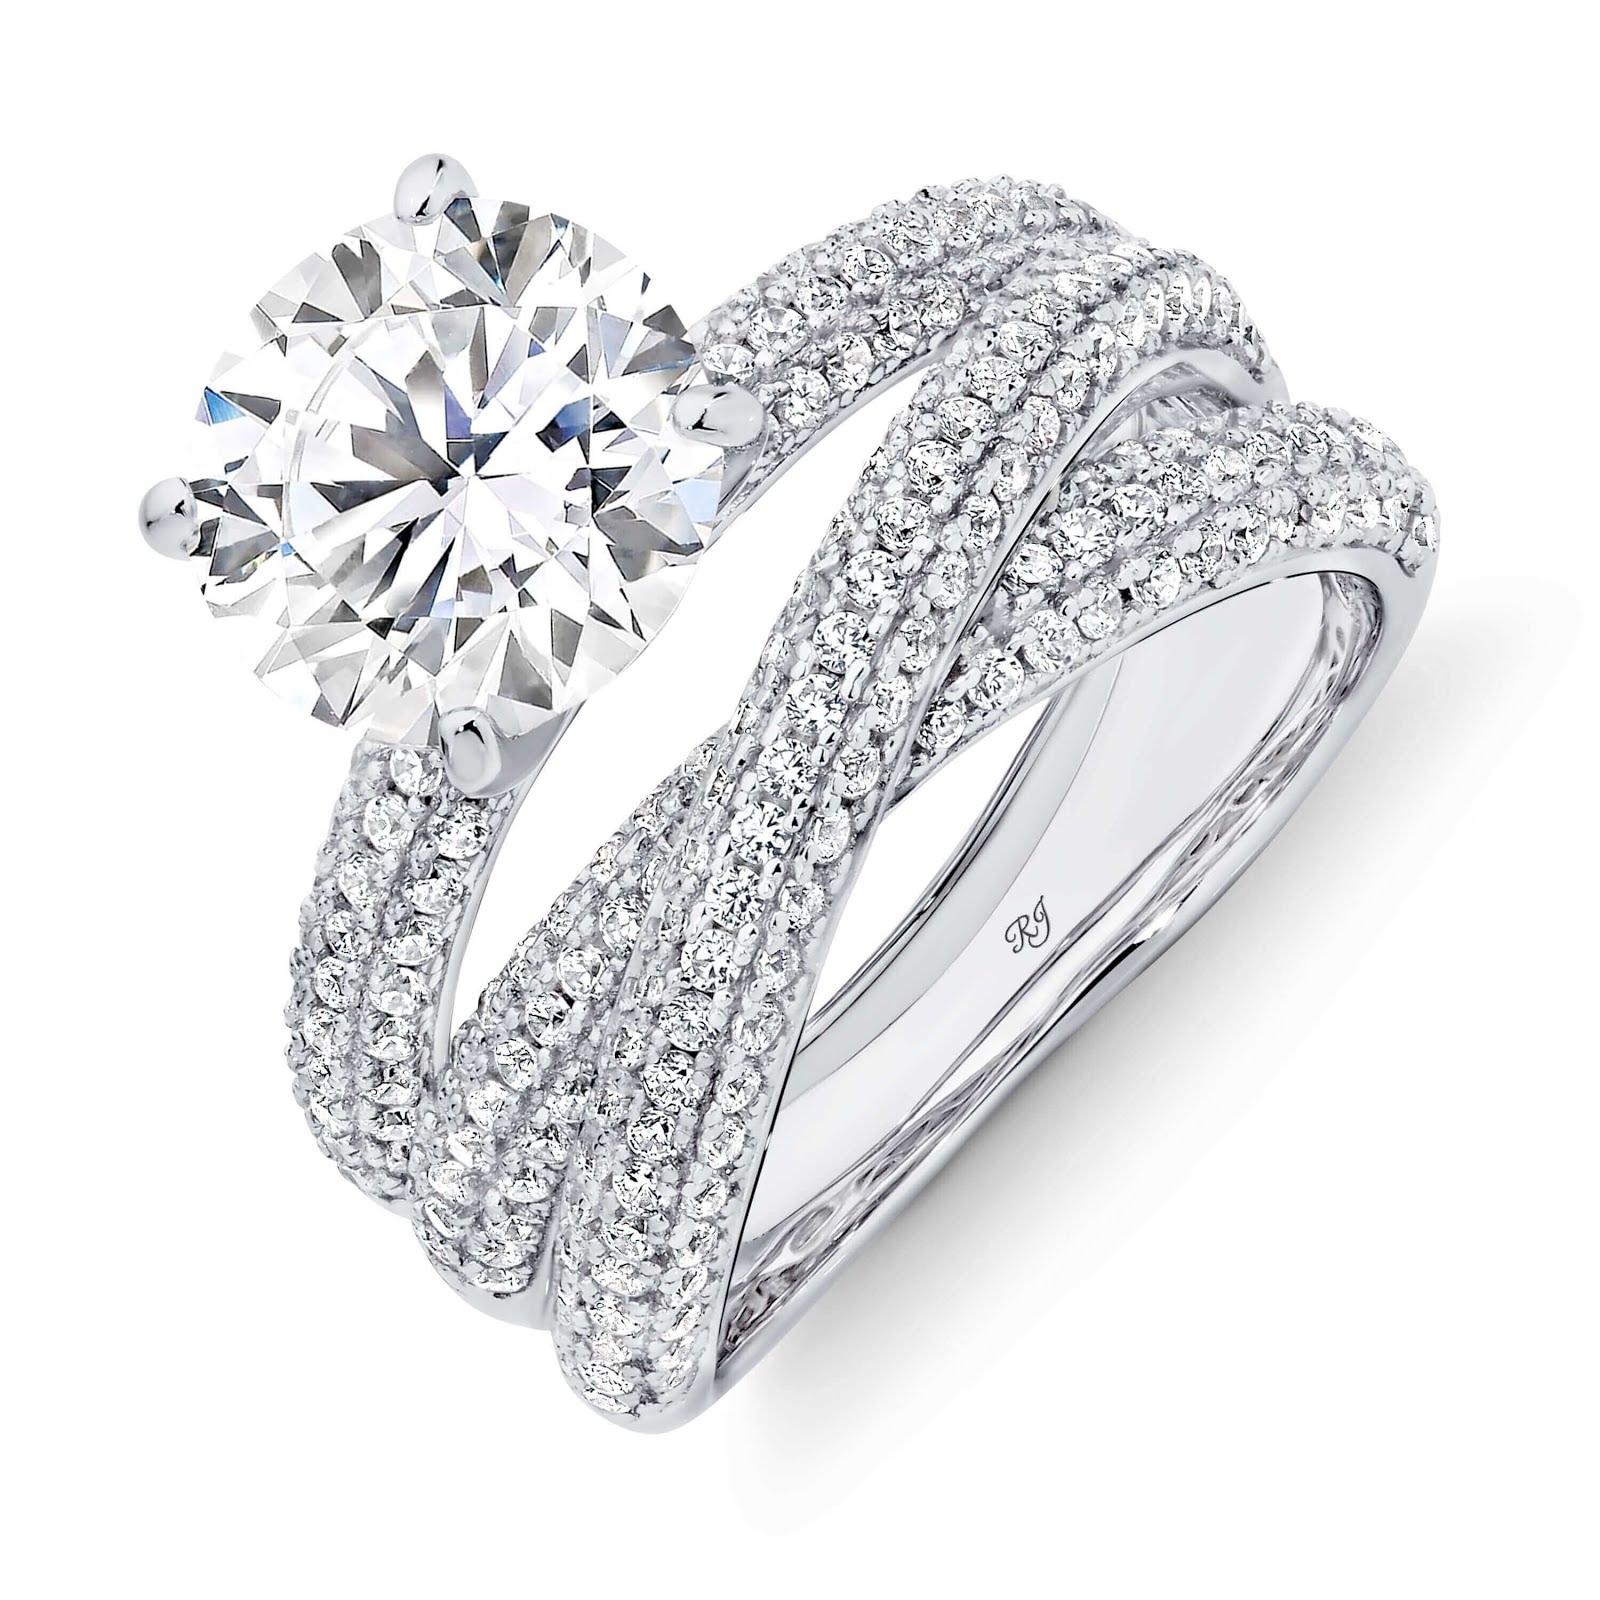 تفسير حلم لبس خاتم الفضة للعزباء لابن سيرين المفسر